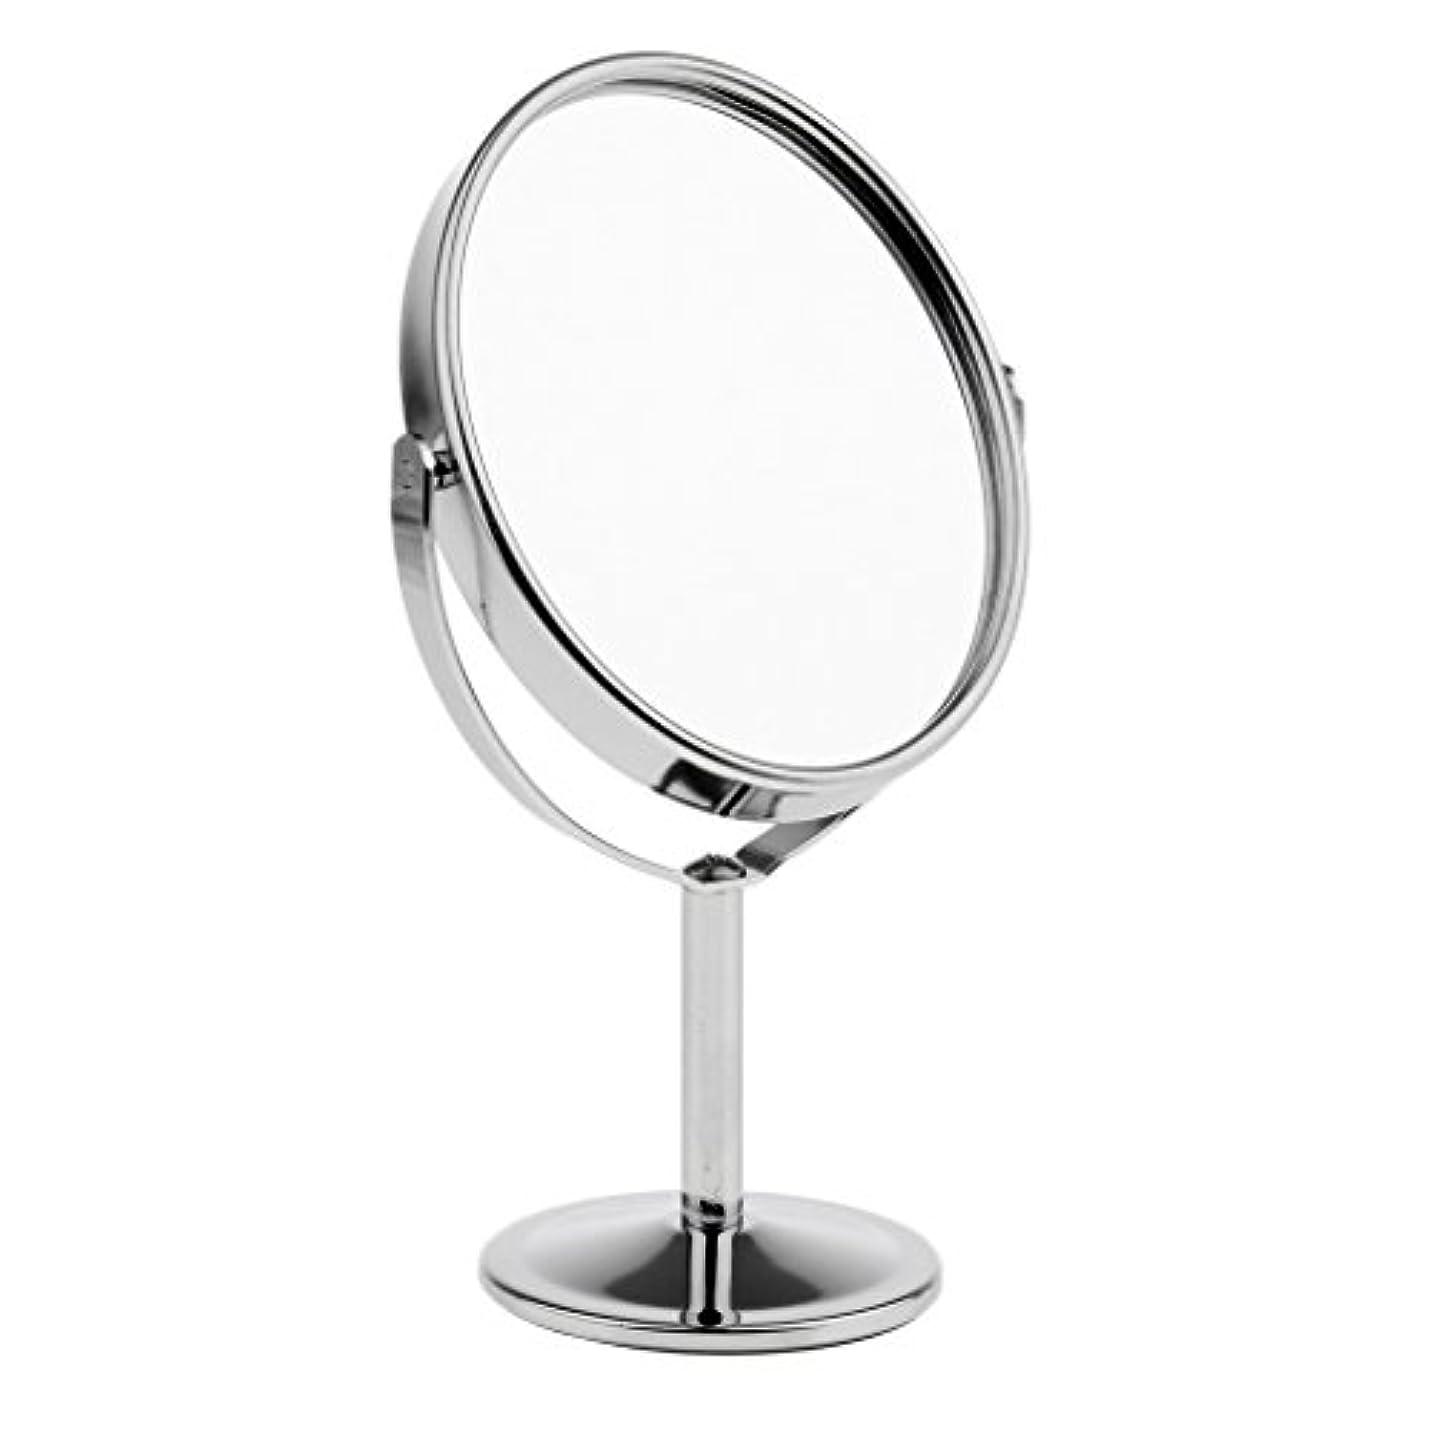 二度効率的に基礎理論FutuHome ミニレディーガール美容メイクアップ卓上ミラー化粧品デュアルサイドノーマル+拡大鏡スタンドミラー6インチ高さ - 銀